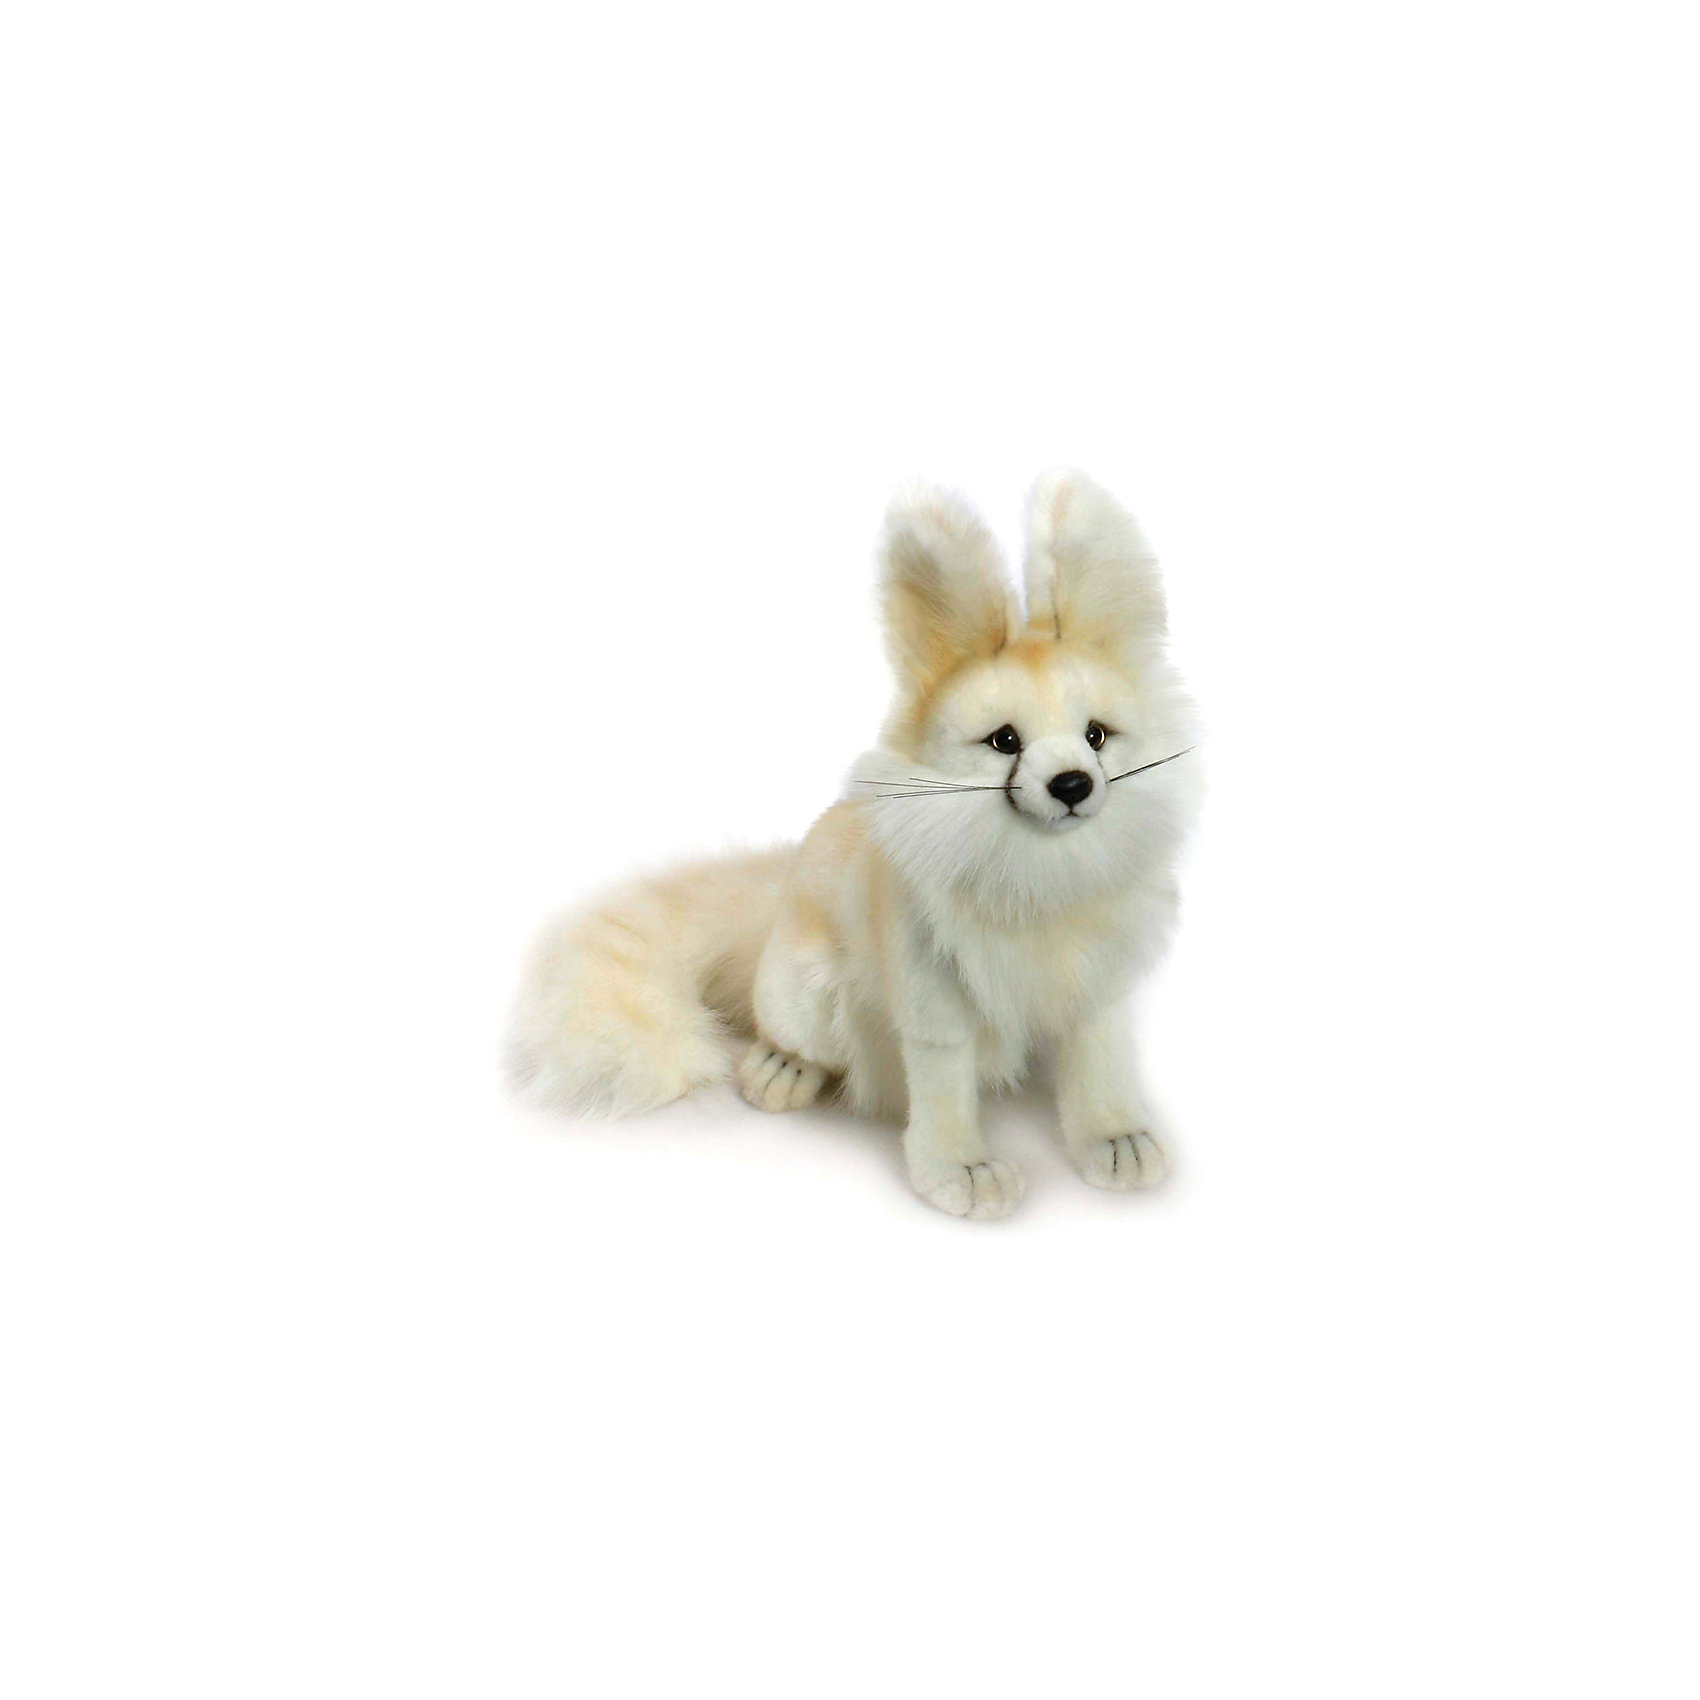 Пустынная лисица, 33 смЗвери и птицы<br>Пустынная лисица, 33 см – игрушка от знаменитого бренда Hansa, специализирующегося на выпуске мягких игрушек с высокой степенью натуралистичности. Внешний игрушки полностью соответствует реальному прототипу – пустынной лисице. Игрушка выполнена из светлого меха с ворсом средней длины, который обладает гипоаллергенными свойствами. У лисицы большие ушки и пушистый хвост. Внутри имеется металлический каркас, который позволяет изменять положение. Игрушка относится к серии Дикие животные. <br>Мягкие игрушки от Hansa подходят для сюжетно-ролевых игр или для обучающих игр. Кроме того, их можно использовать в качестве интерьерных игрушек. Игрушки от Hansa будут радовать вашего ребенка долгое время, так как ручная работа и качественные материалы гарантируют их долговечность и прочность.<br><br>Дополнительная информация:<br><br>- Вид игр: сюжетно-ролевые игры, коллекционирование, интерьерные игрушки<br>- Предназначение: для дома, для детских развивающих центров, для детских садов<br>- Материал: искусственный мех, наполнитель ? полиэфирное волокно<br>- Размер (ДхШхВ): 27*33*18 см<br>- Вес: 430 г<br>- Особенности ухода: сухая чистка при помощи пылесоса или щетки для одежды<br><br>Подробнее:<br><br>• Для детей в возрасте: от 3 лет <br>• Страна производитель: Филиппины<br>• Торговый бренд: Hansa<br><br>Пустынную лисицу, 33 см можно купить в нашем интернет-магазине.<br><br>Ширина мм: 27<br>Глубина мм: 33<br>Высота мм: 18<br>Вес г: 430<br>Возраст от месяцев: 36<br>Возраст до месяцев: 2147483647<br>Пол: Унисекс<br>Возраст: Детский<br>SKU: 4927155